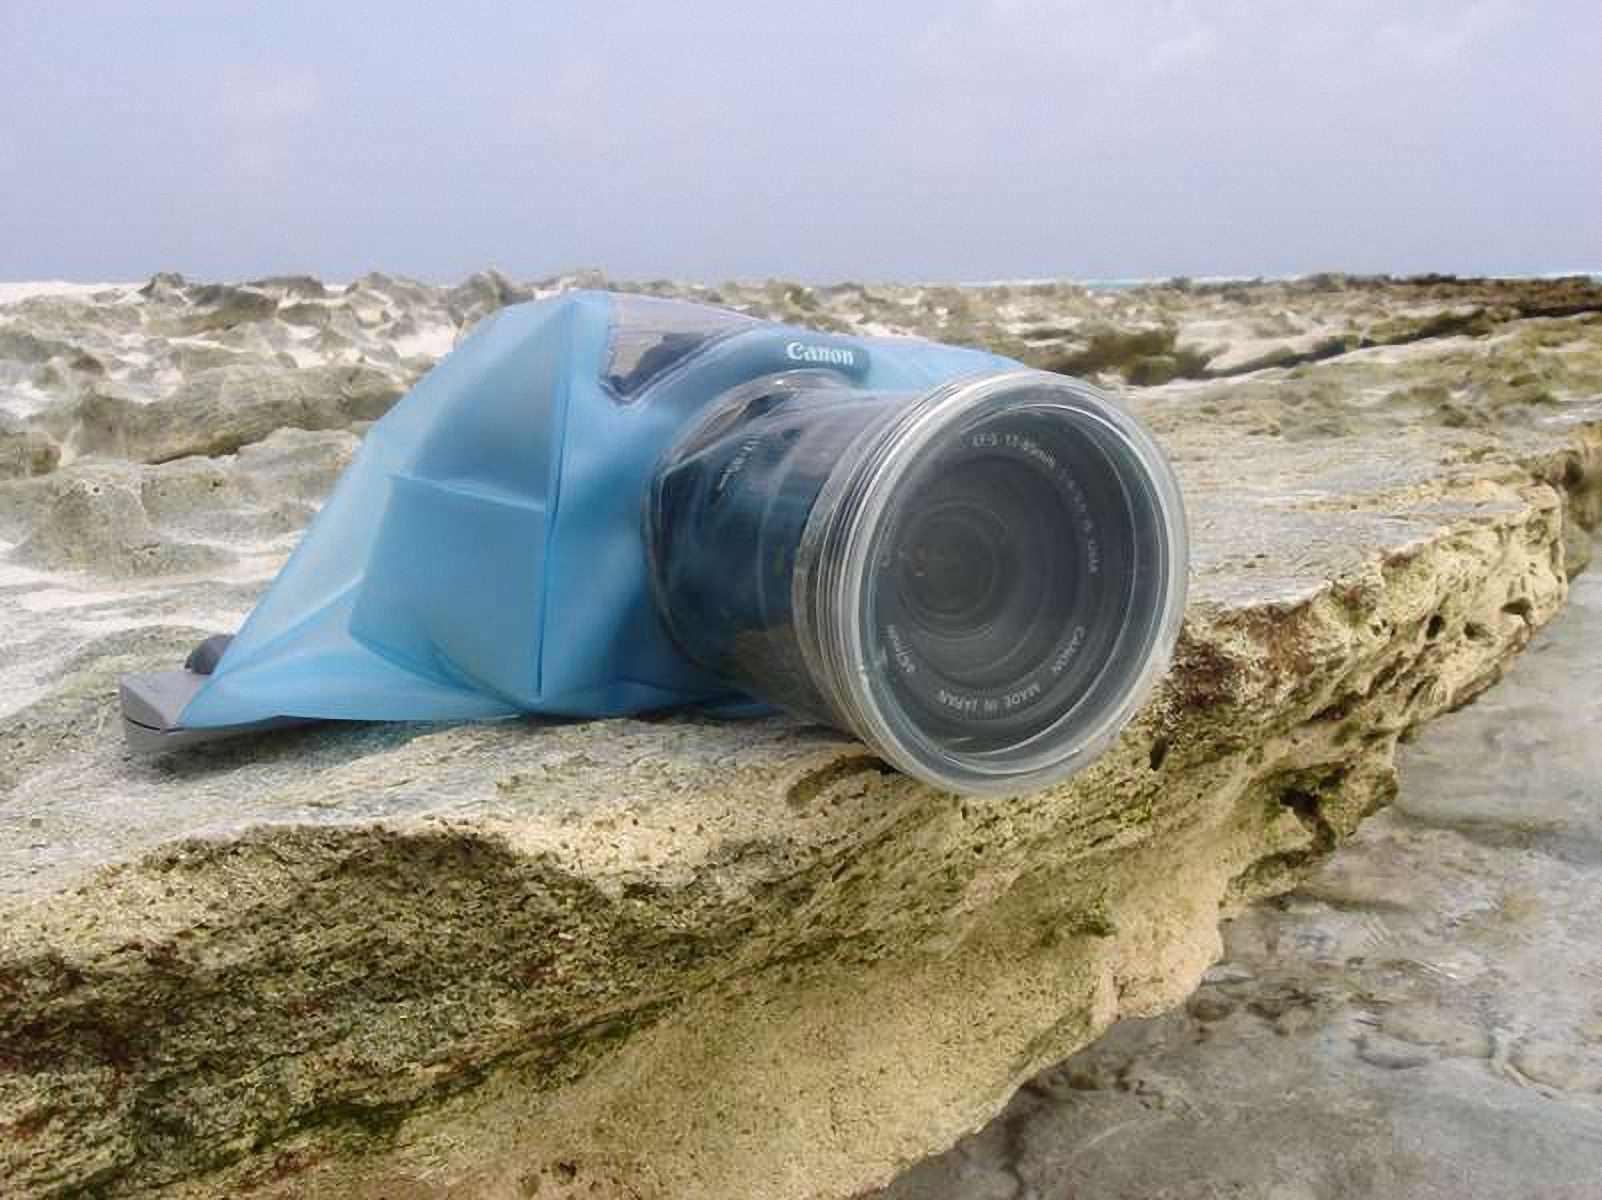 Водонепроницаемый чехол для фотоаппарата - Aquapac 458. Aquapac - №1 в мире водонепроницаемых чехлов и сумок. Фото 6